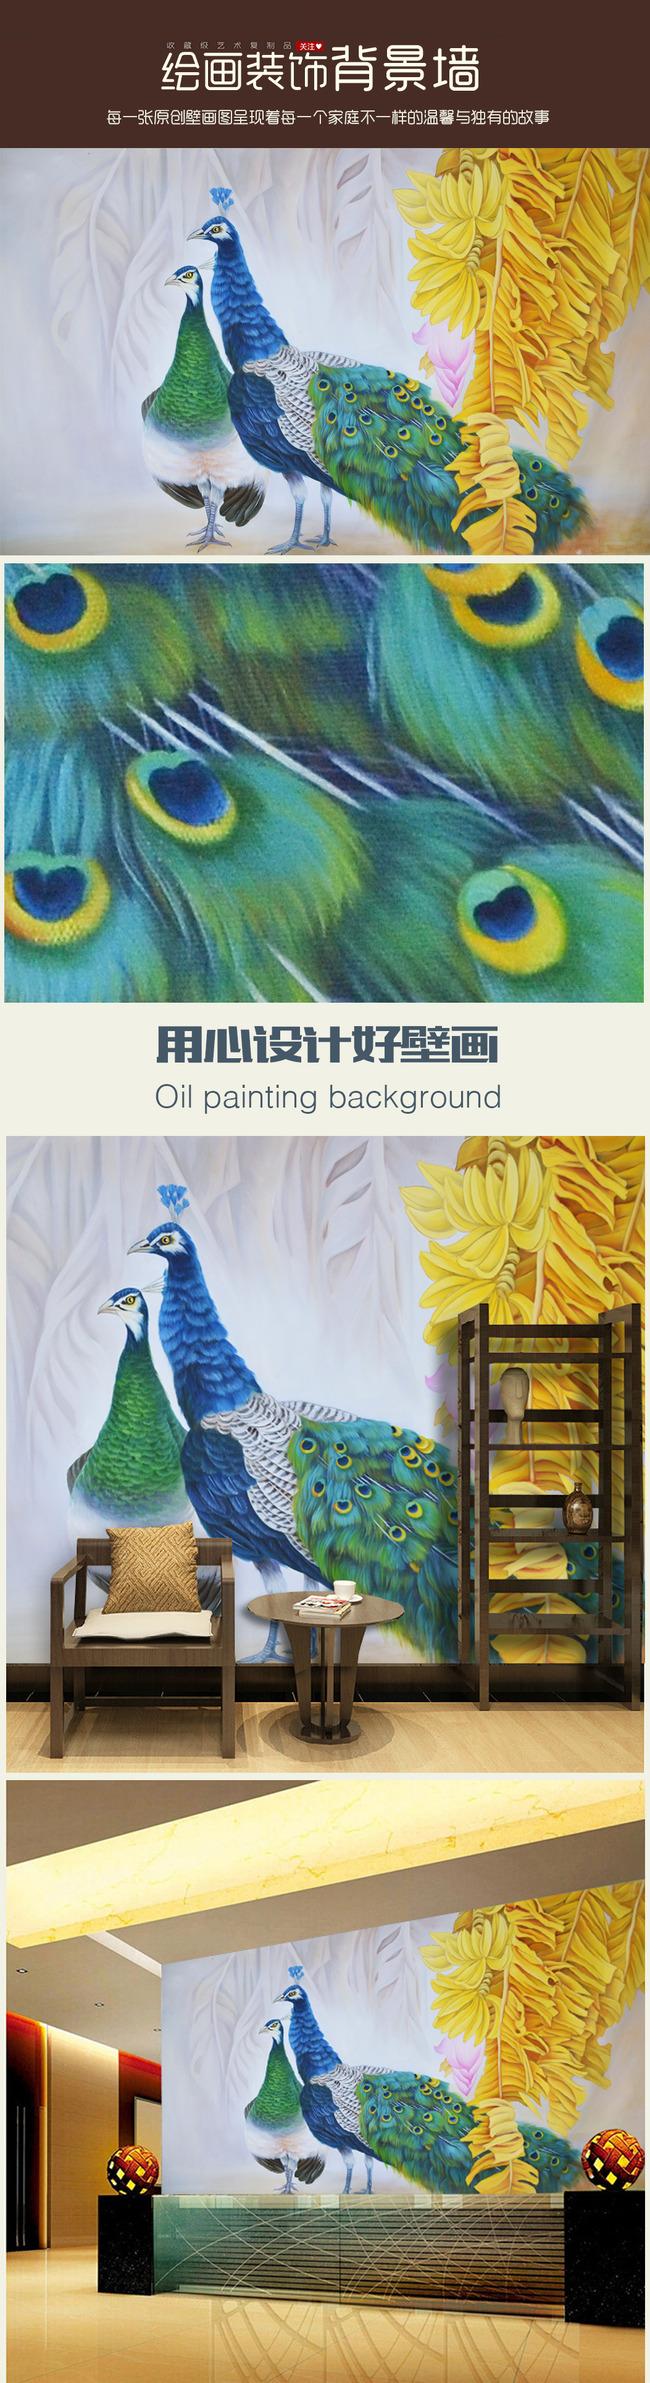 全网独家孔雀香蕉树纯手绘油画艺术背景